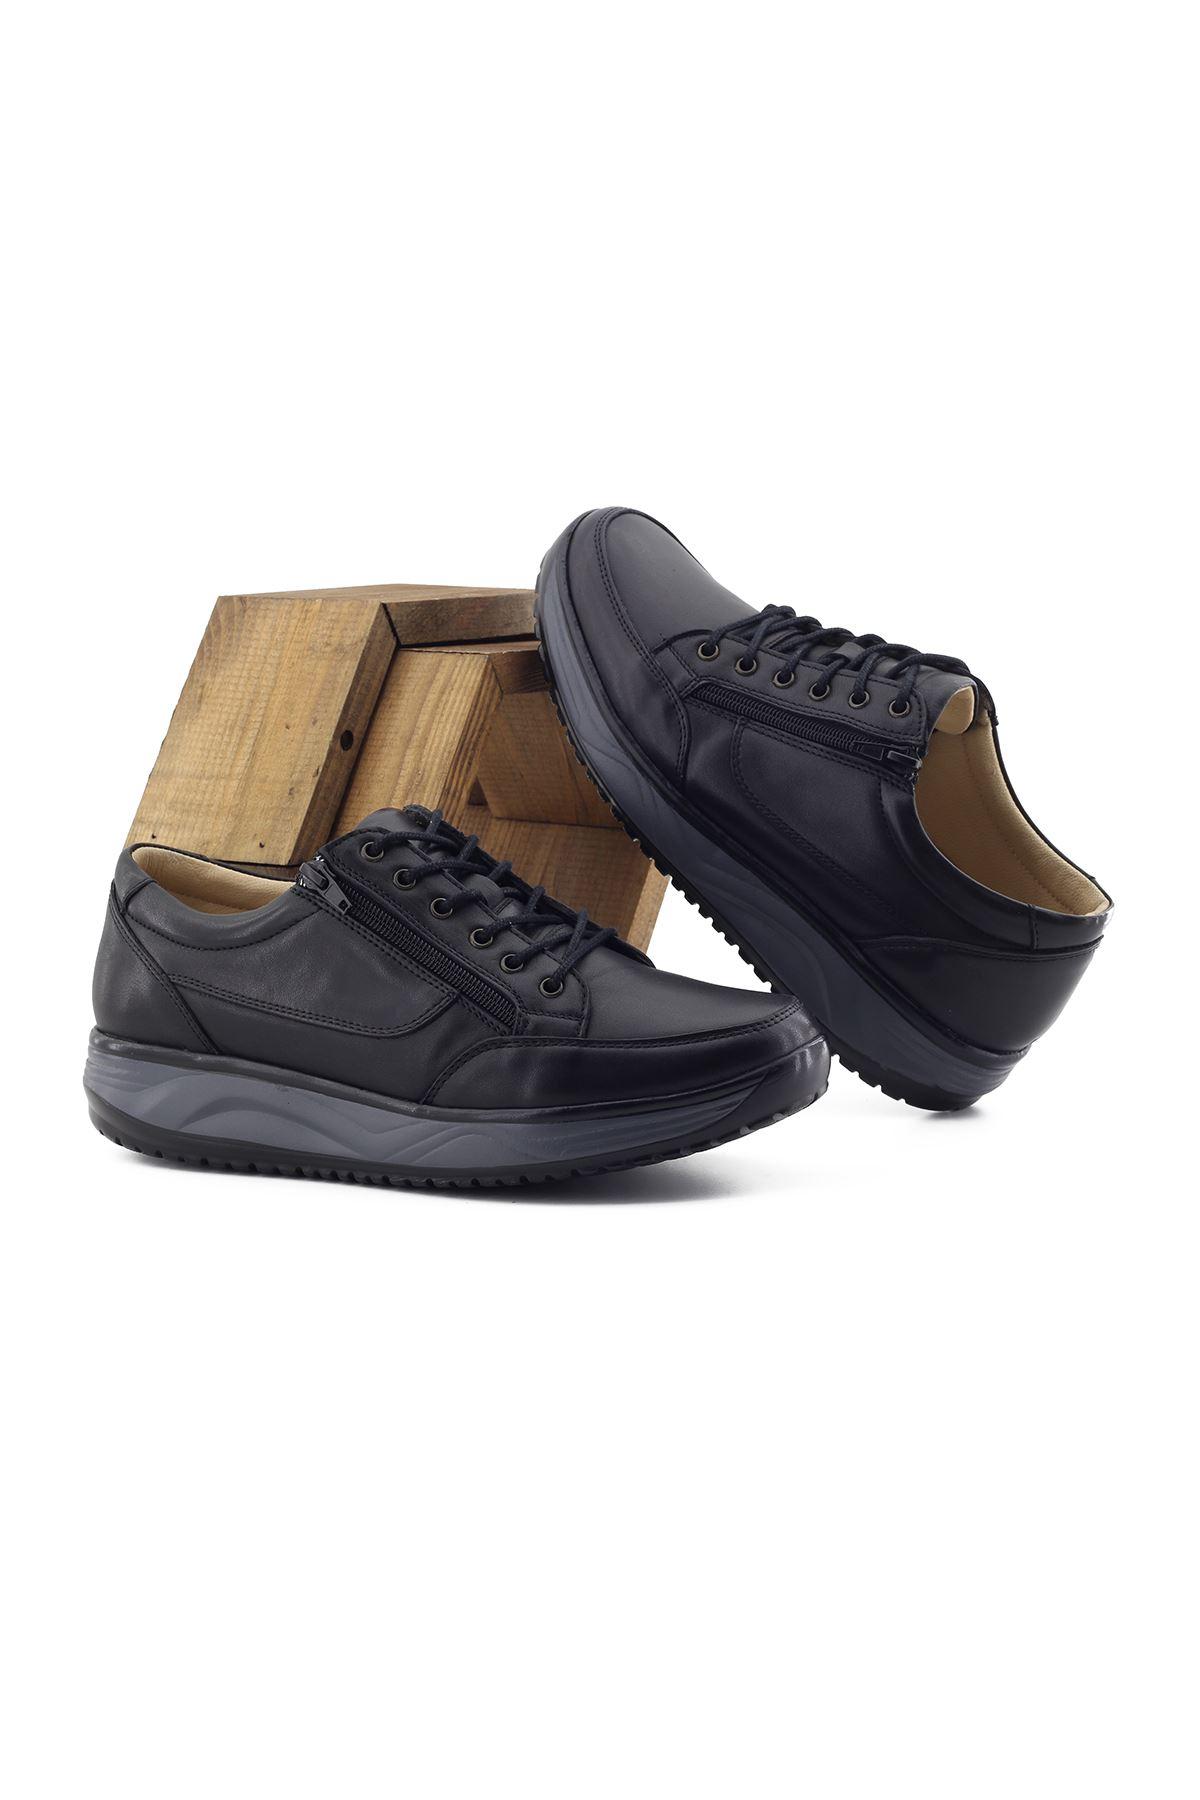 1655 Siyah Erkek Büyük Numara Yürüyüş Ayakkabısı (45-46)